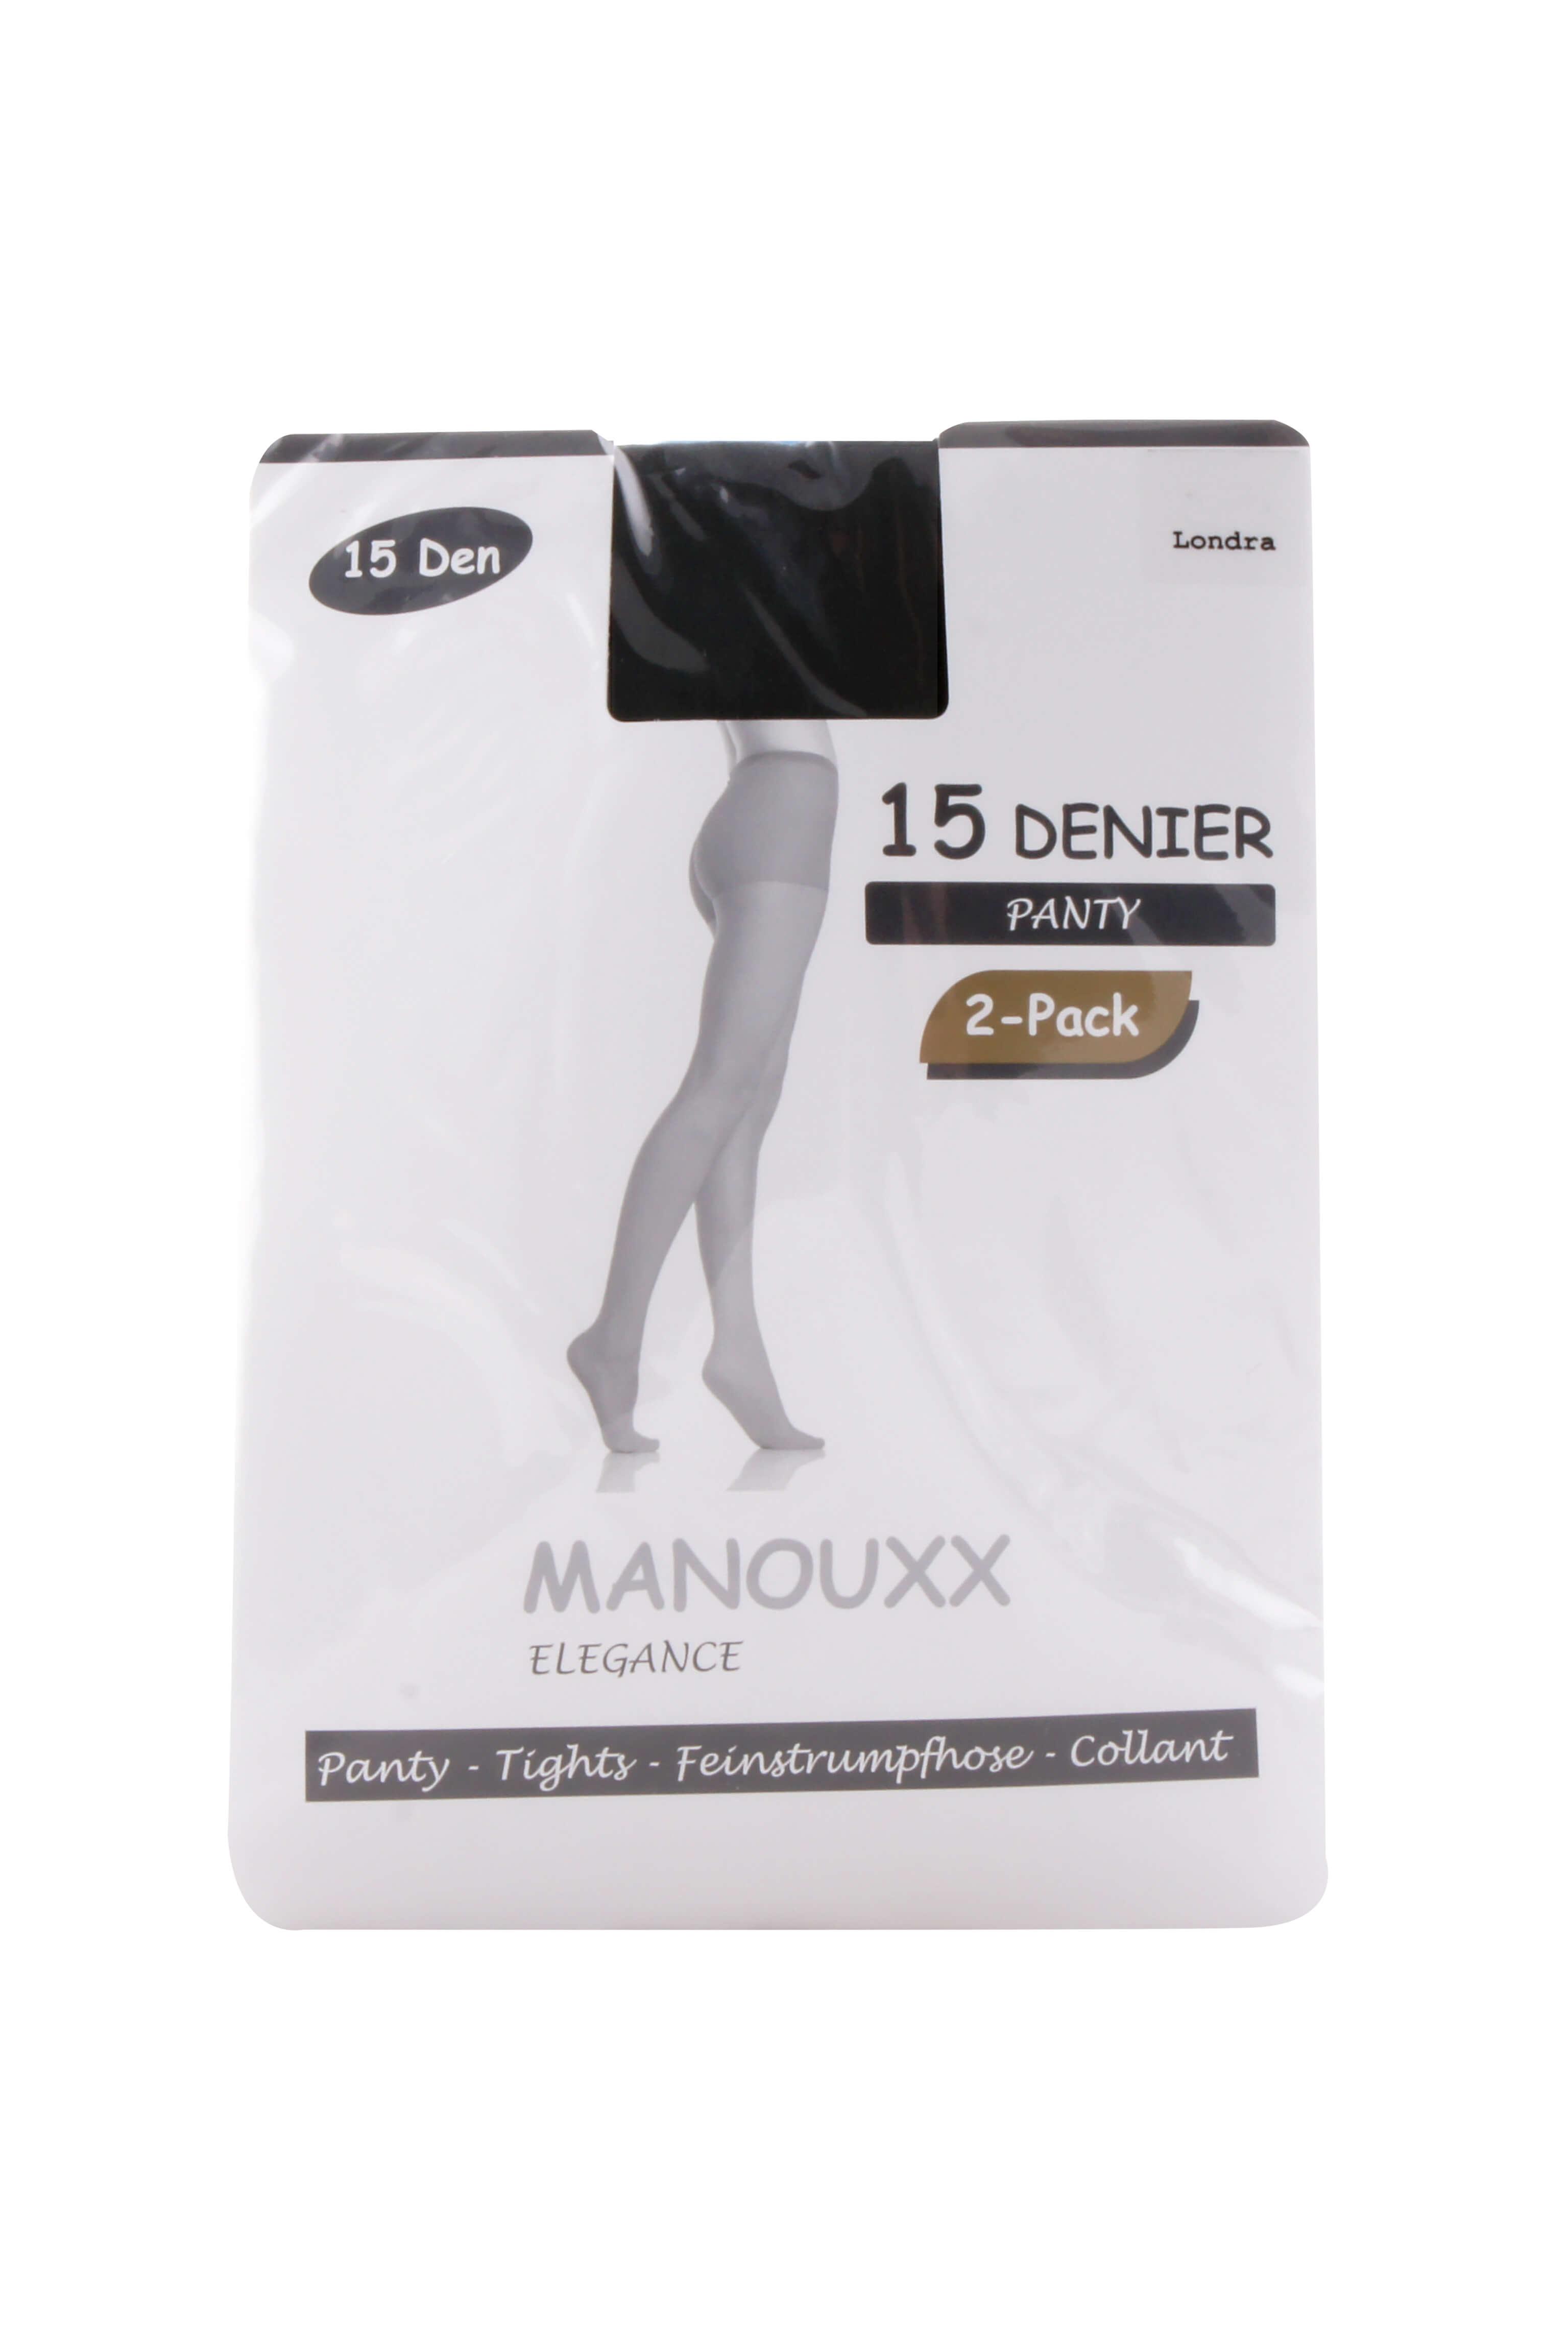 Manouxx Panty Dance 2-pack 15 Den Londra